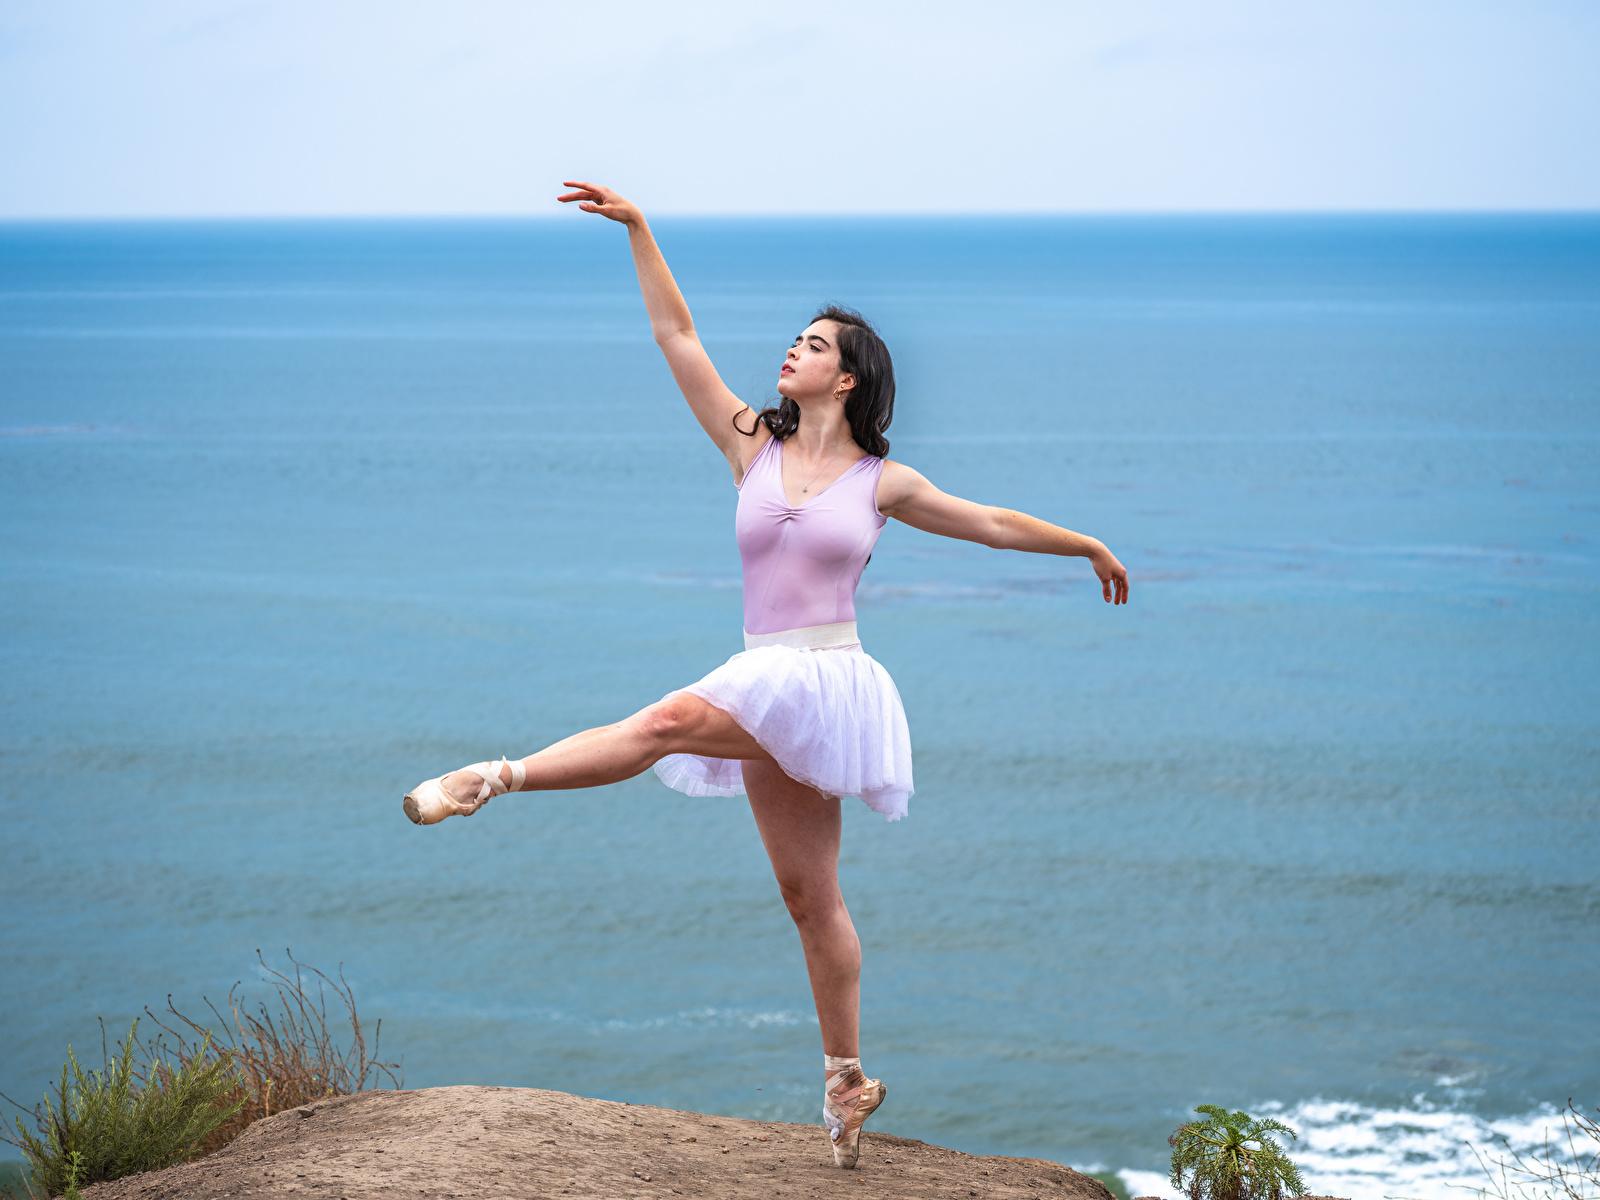 Bilder Ballett Tanzen posiert junge frau Bein Küste 1600x1200 Tanz Pose Mädchens junge Frauen